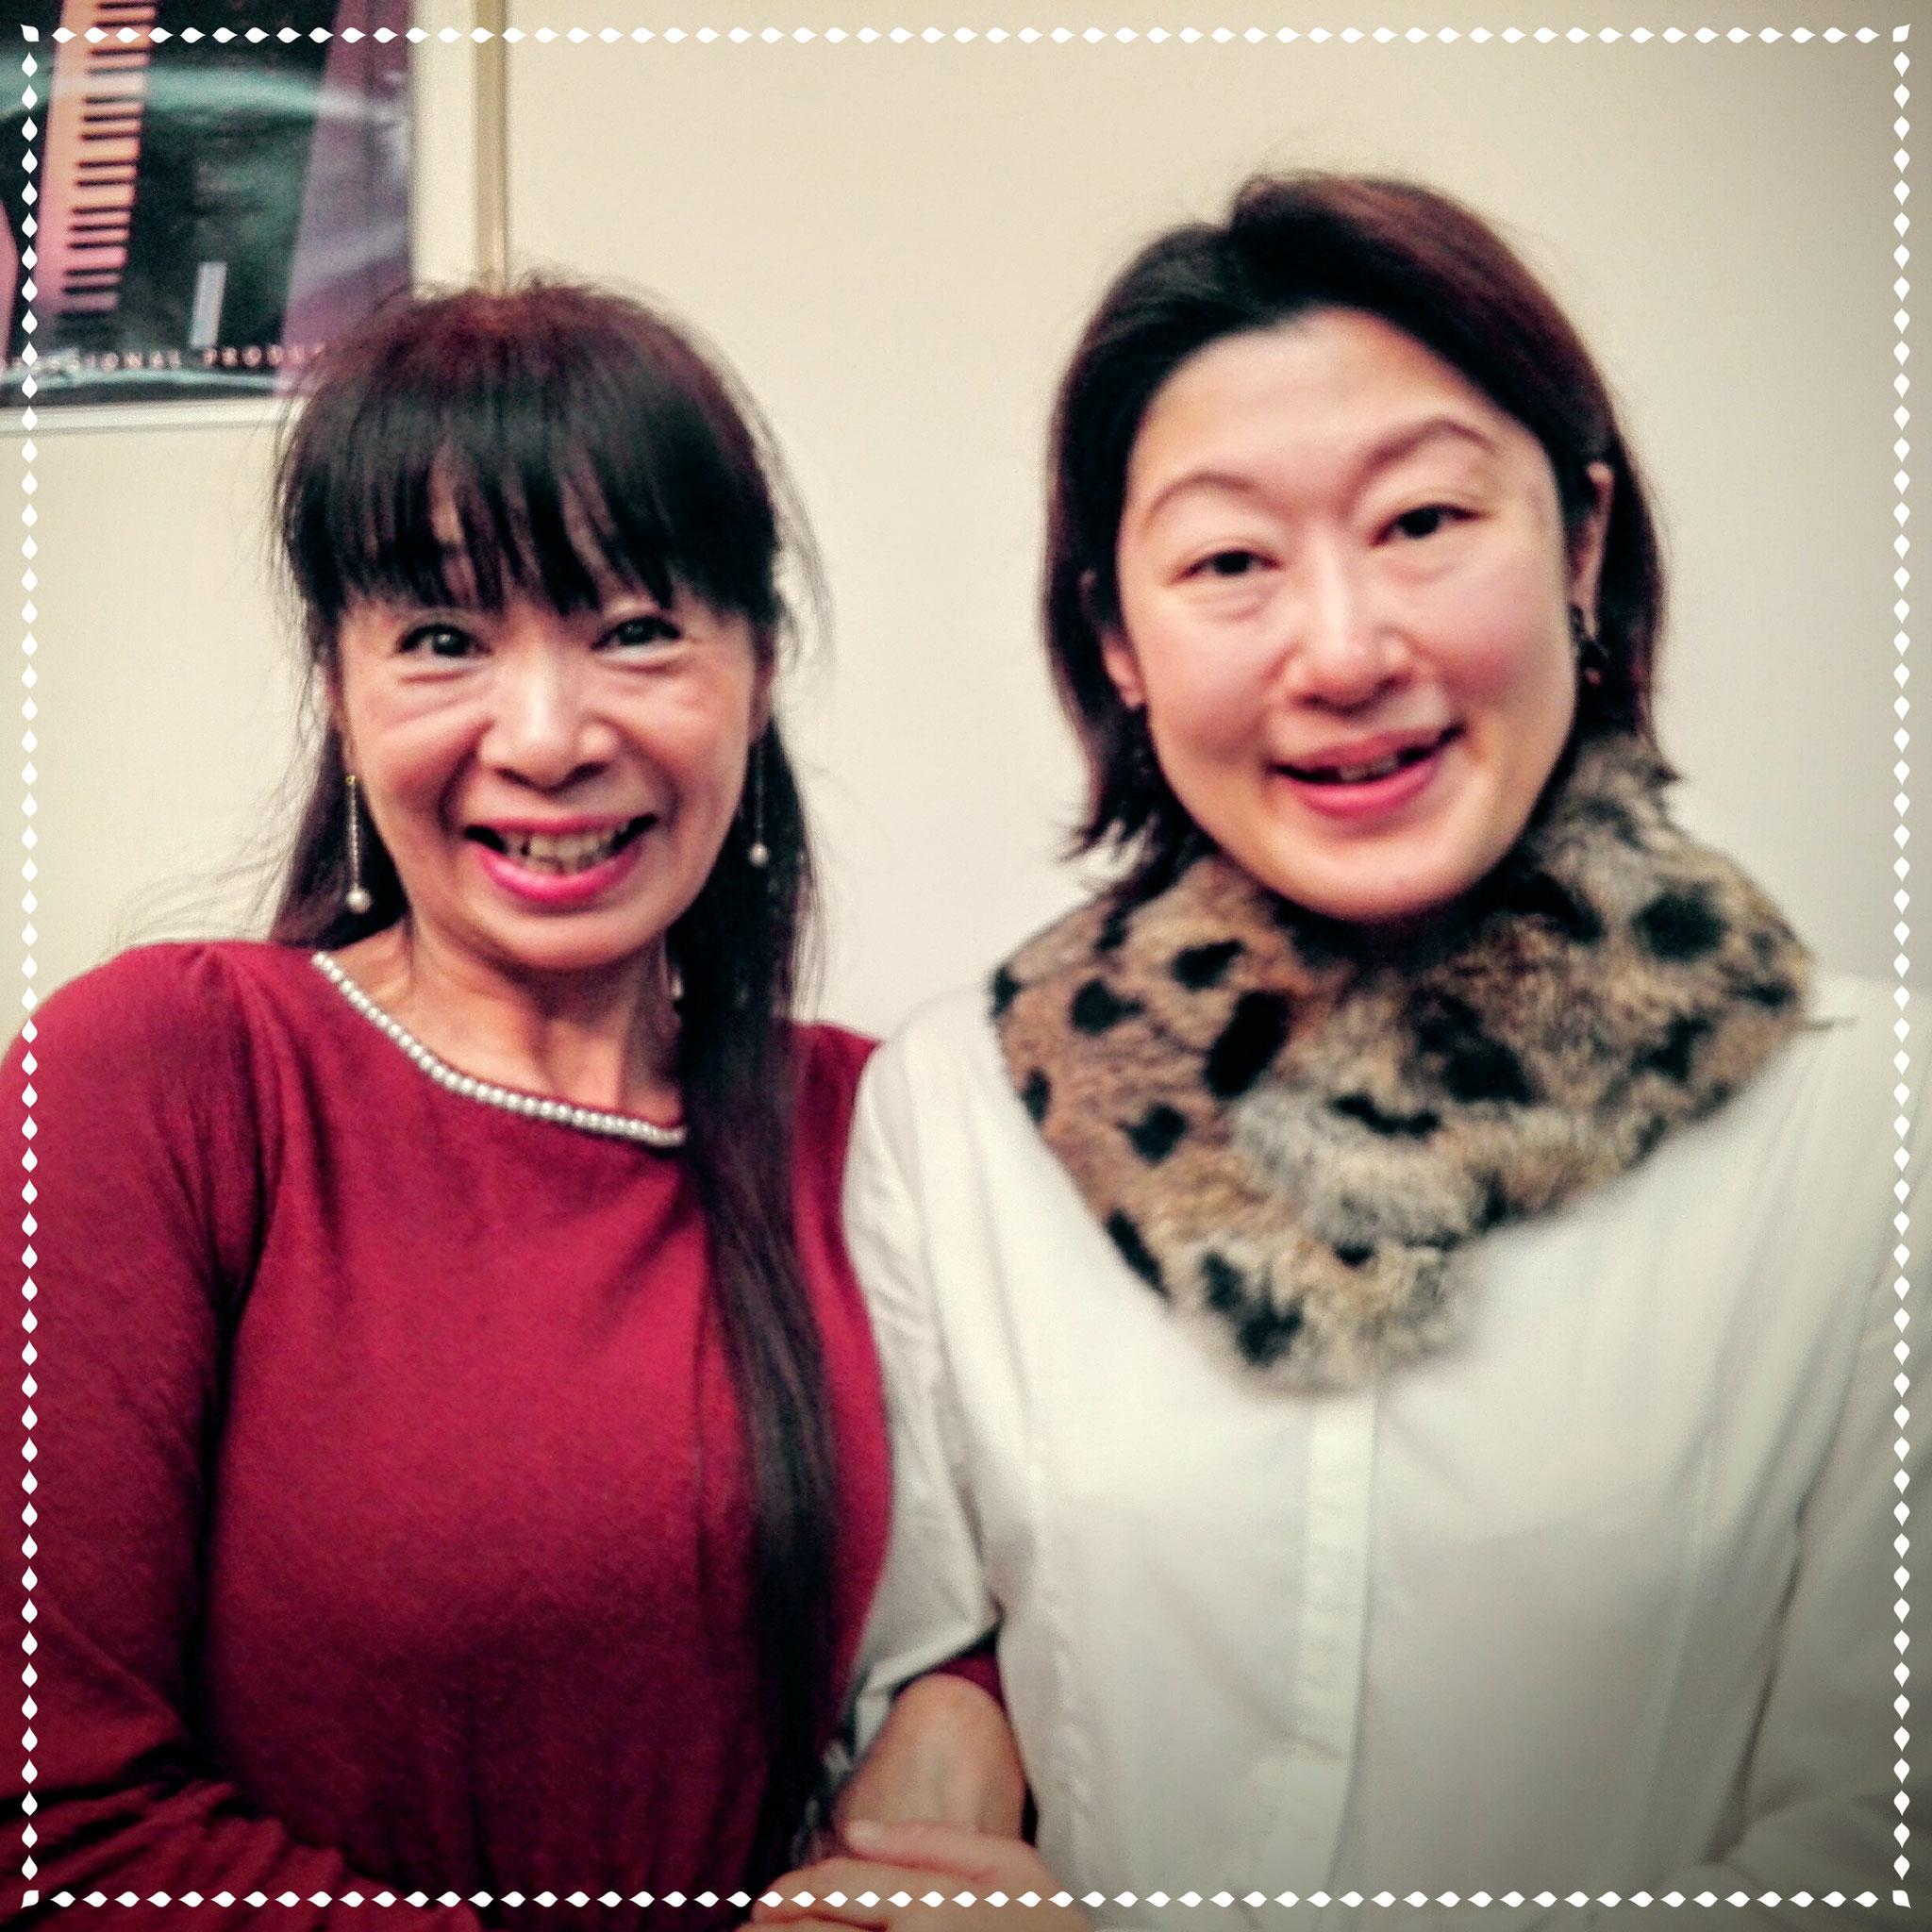 学研勇気づけコラムでお馴染みの アドラー心理学 勇気づけの音楽家 松井美香先生。